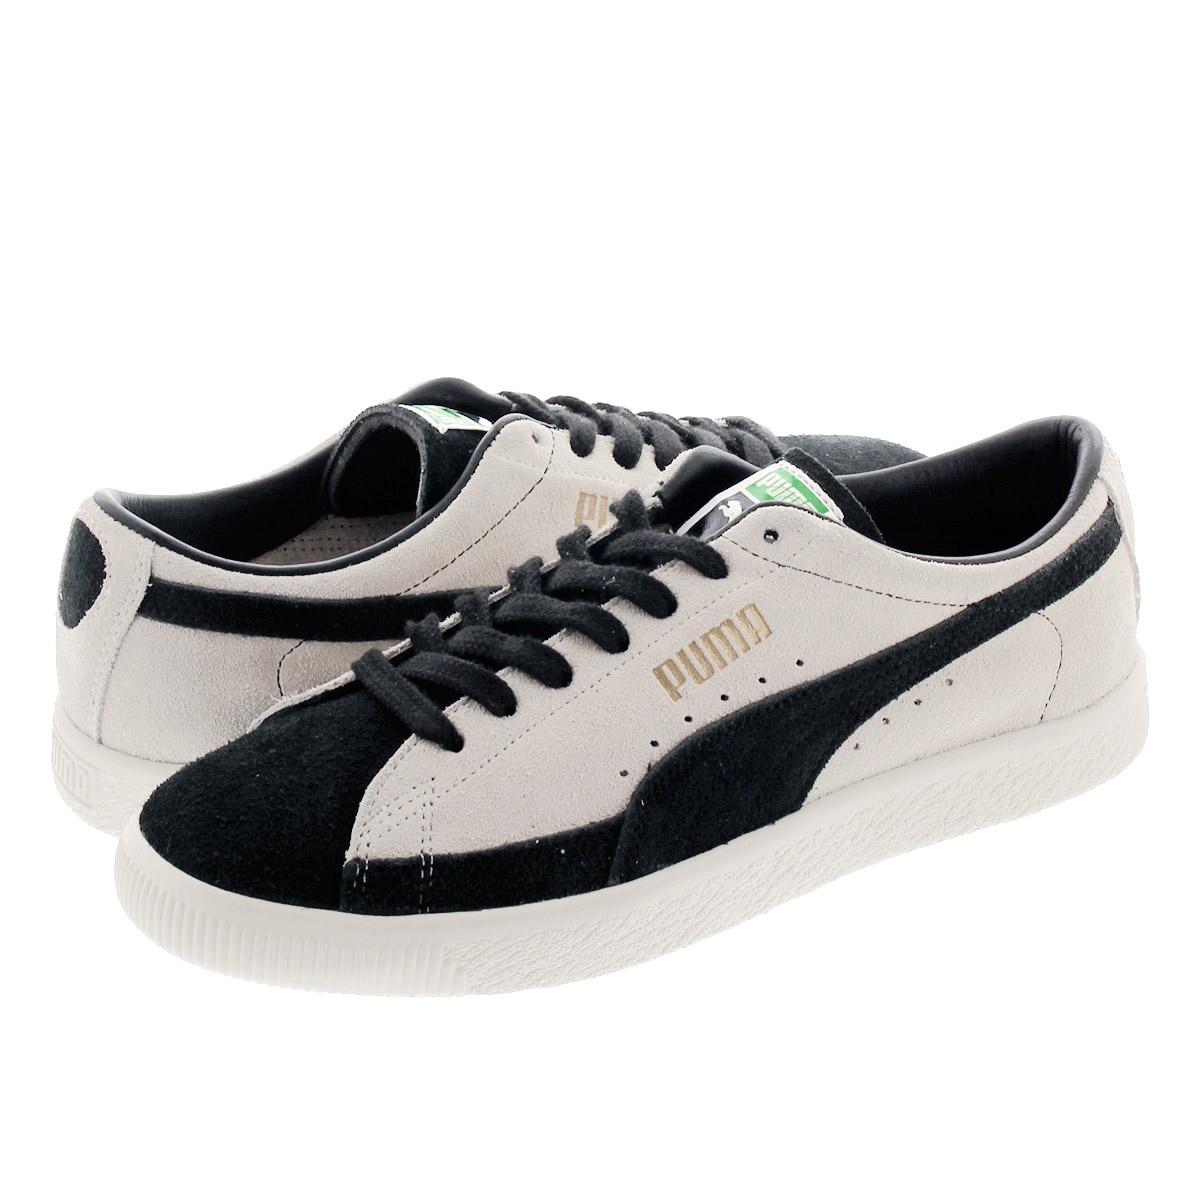 Puma Suede 90681 VTG (beige black) | 43einhalb Sneaker Store